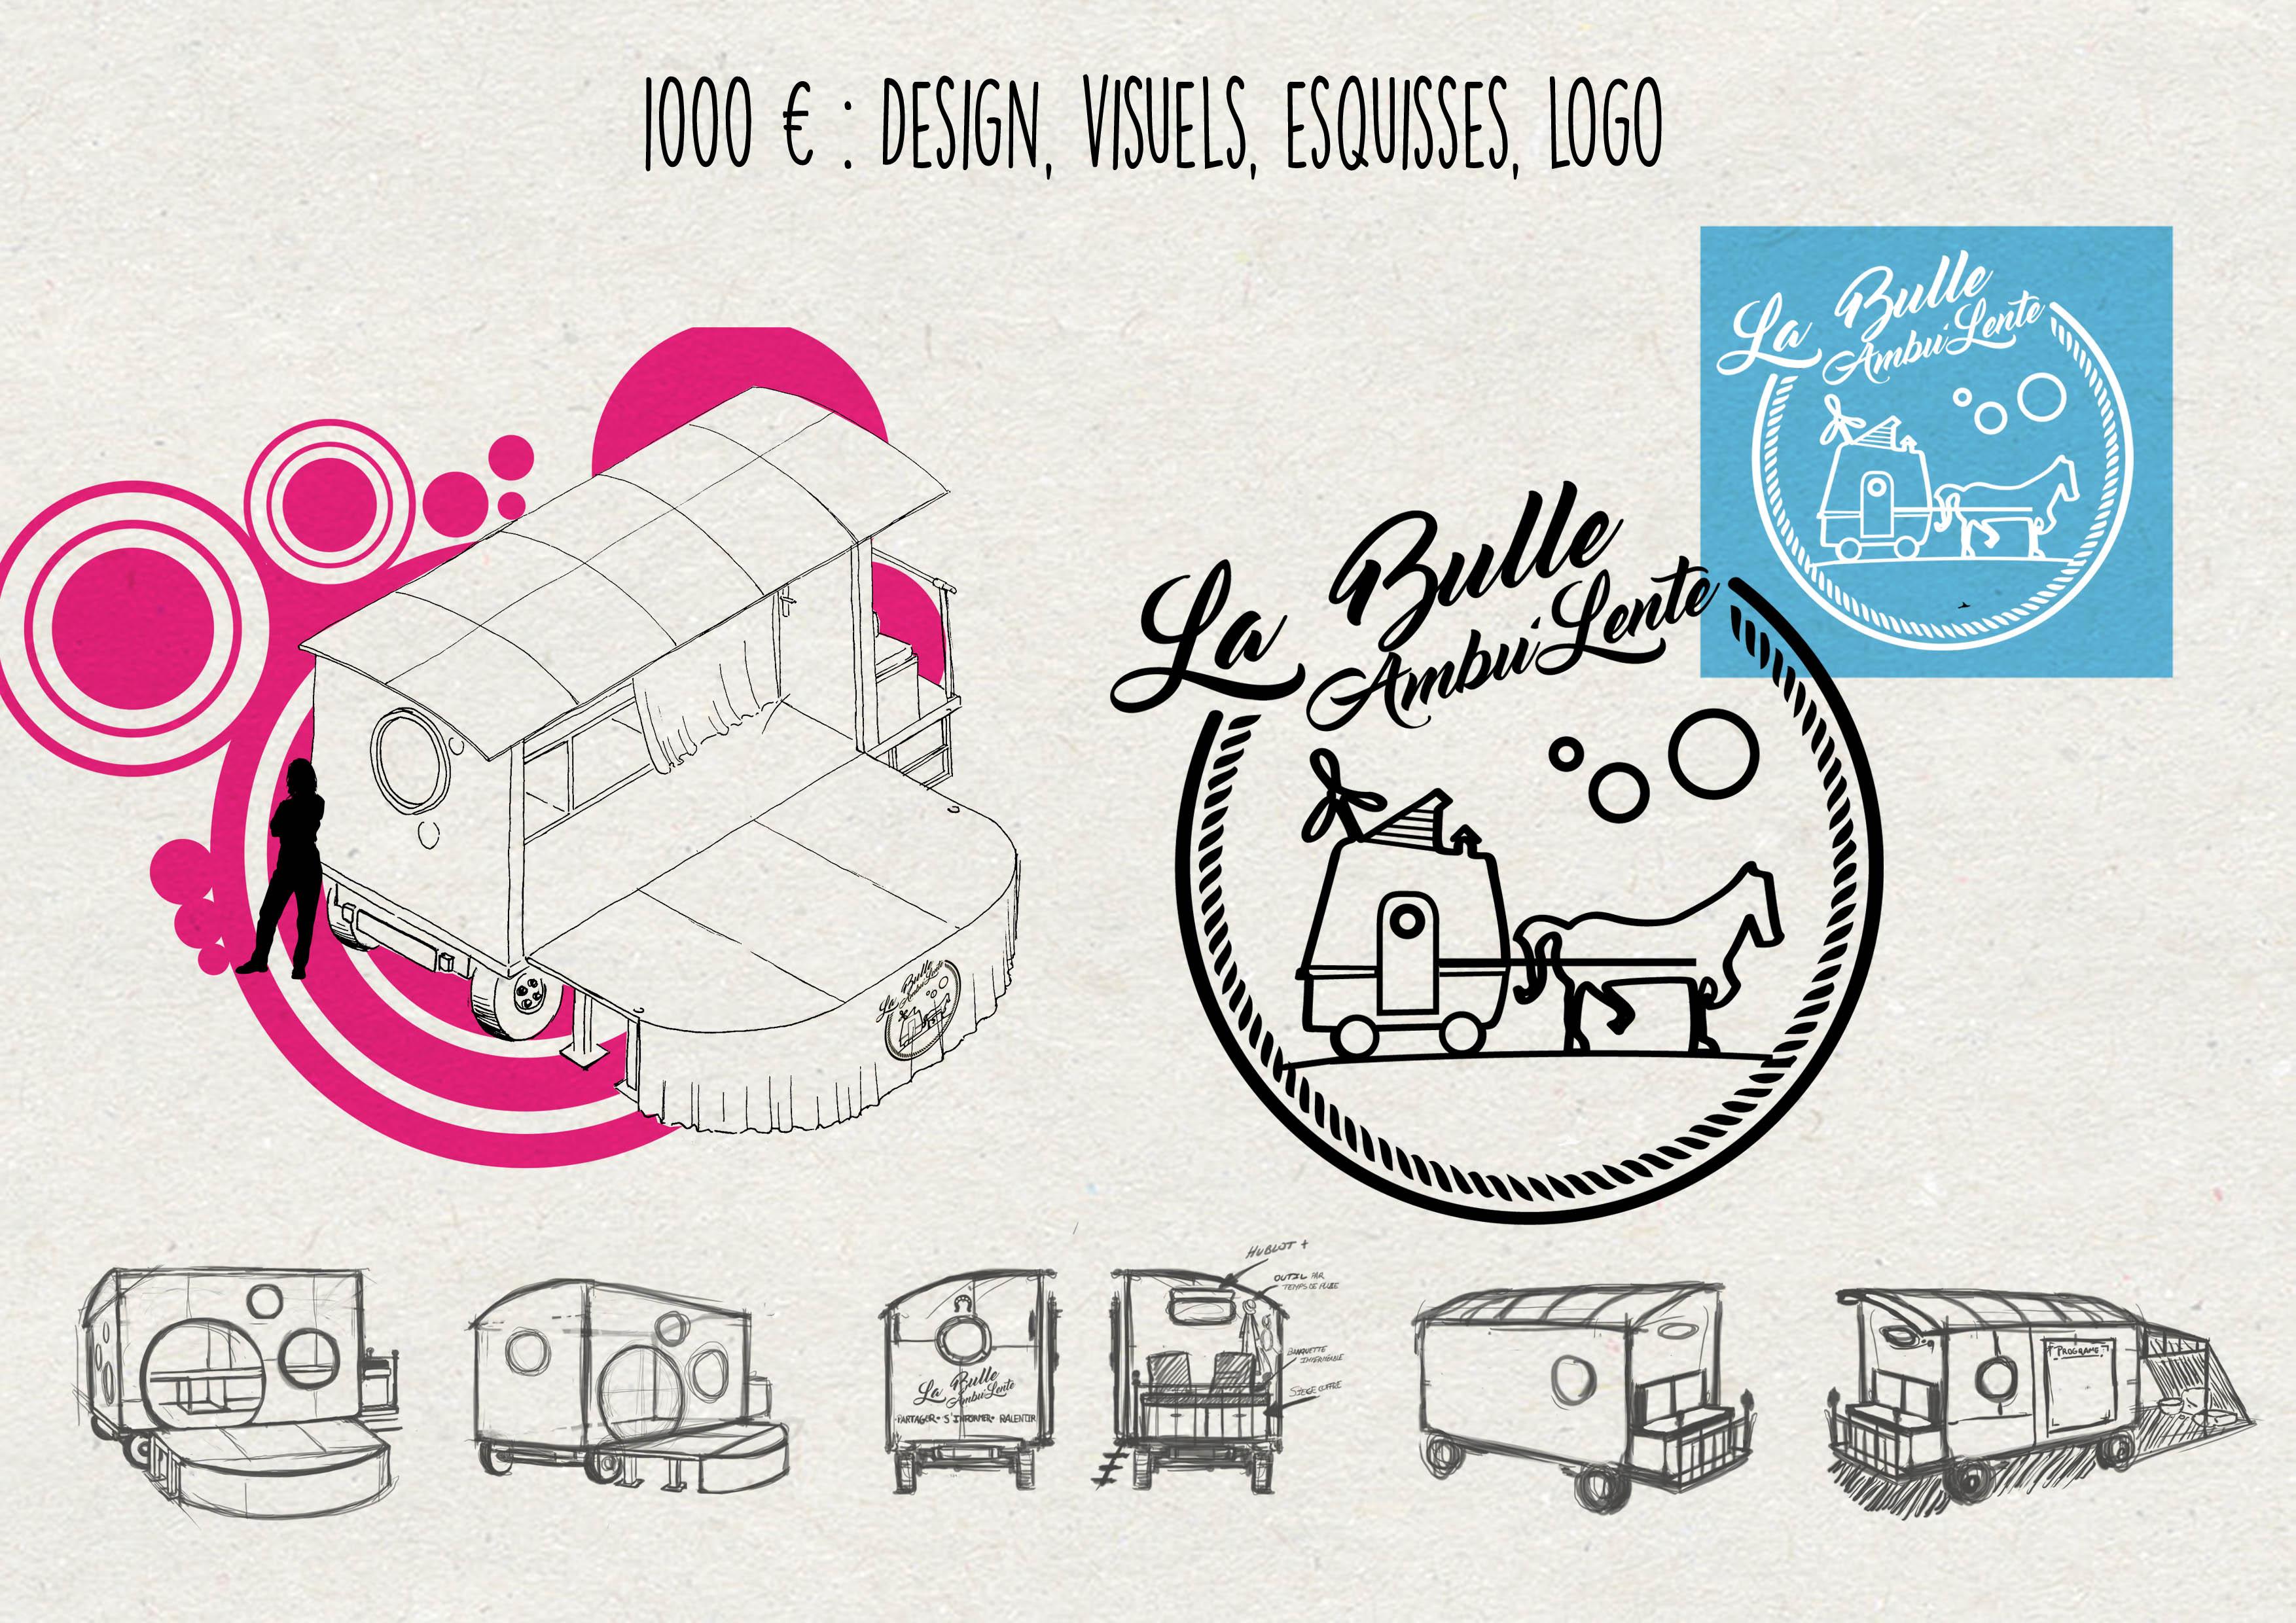 Design roulotte